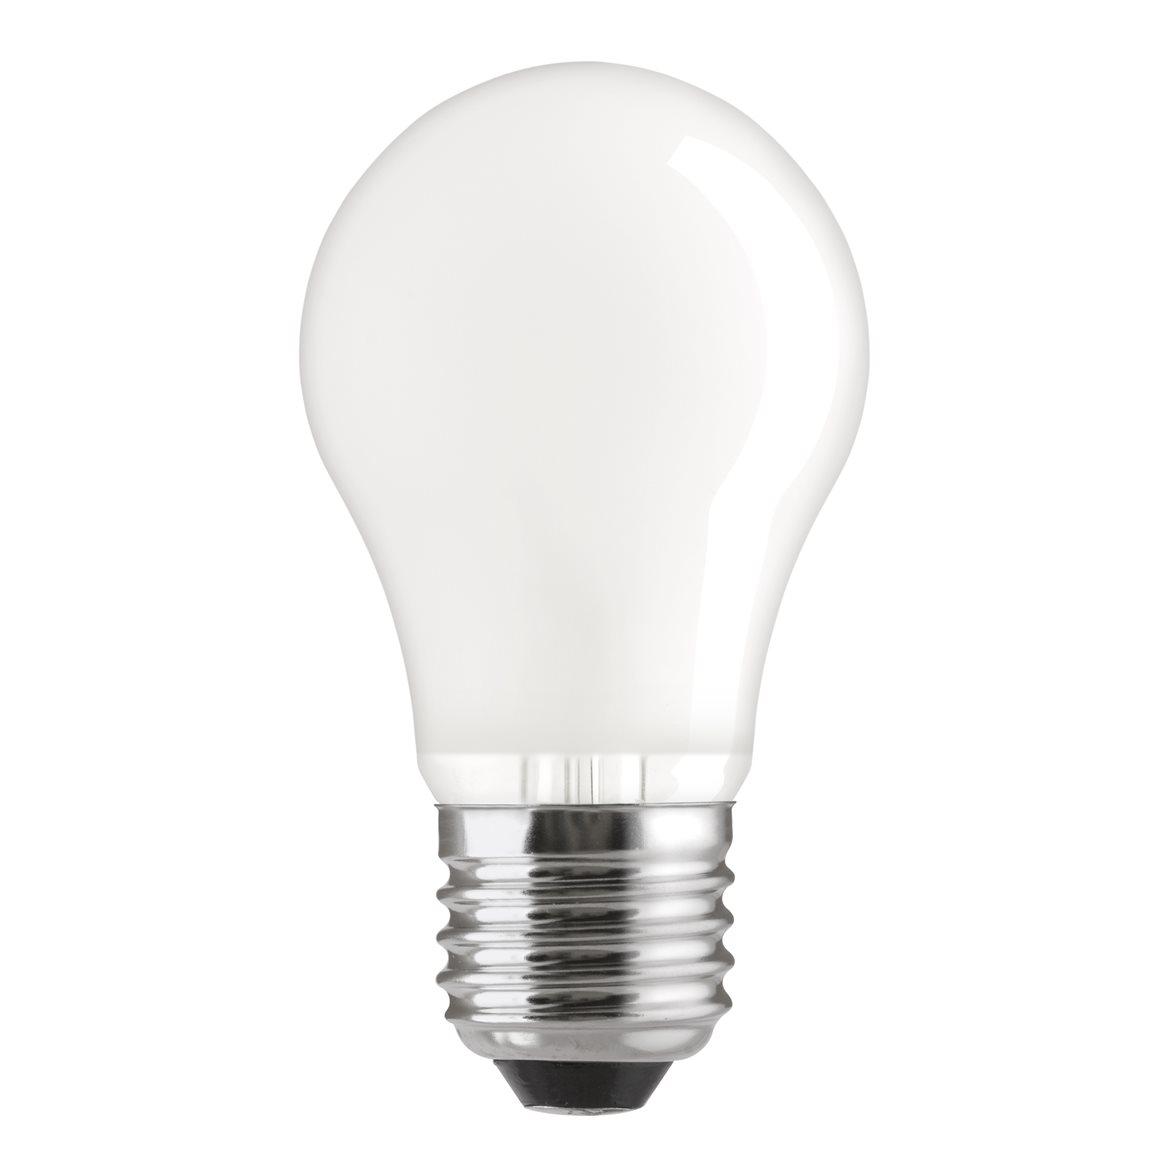 Glödlampa 75W normal E27, matt